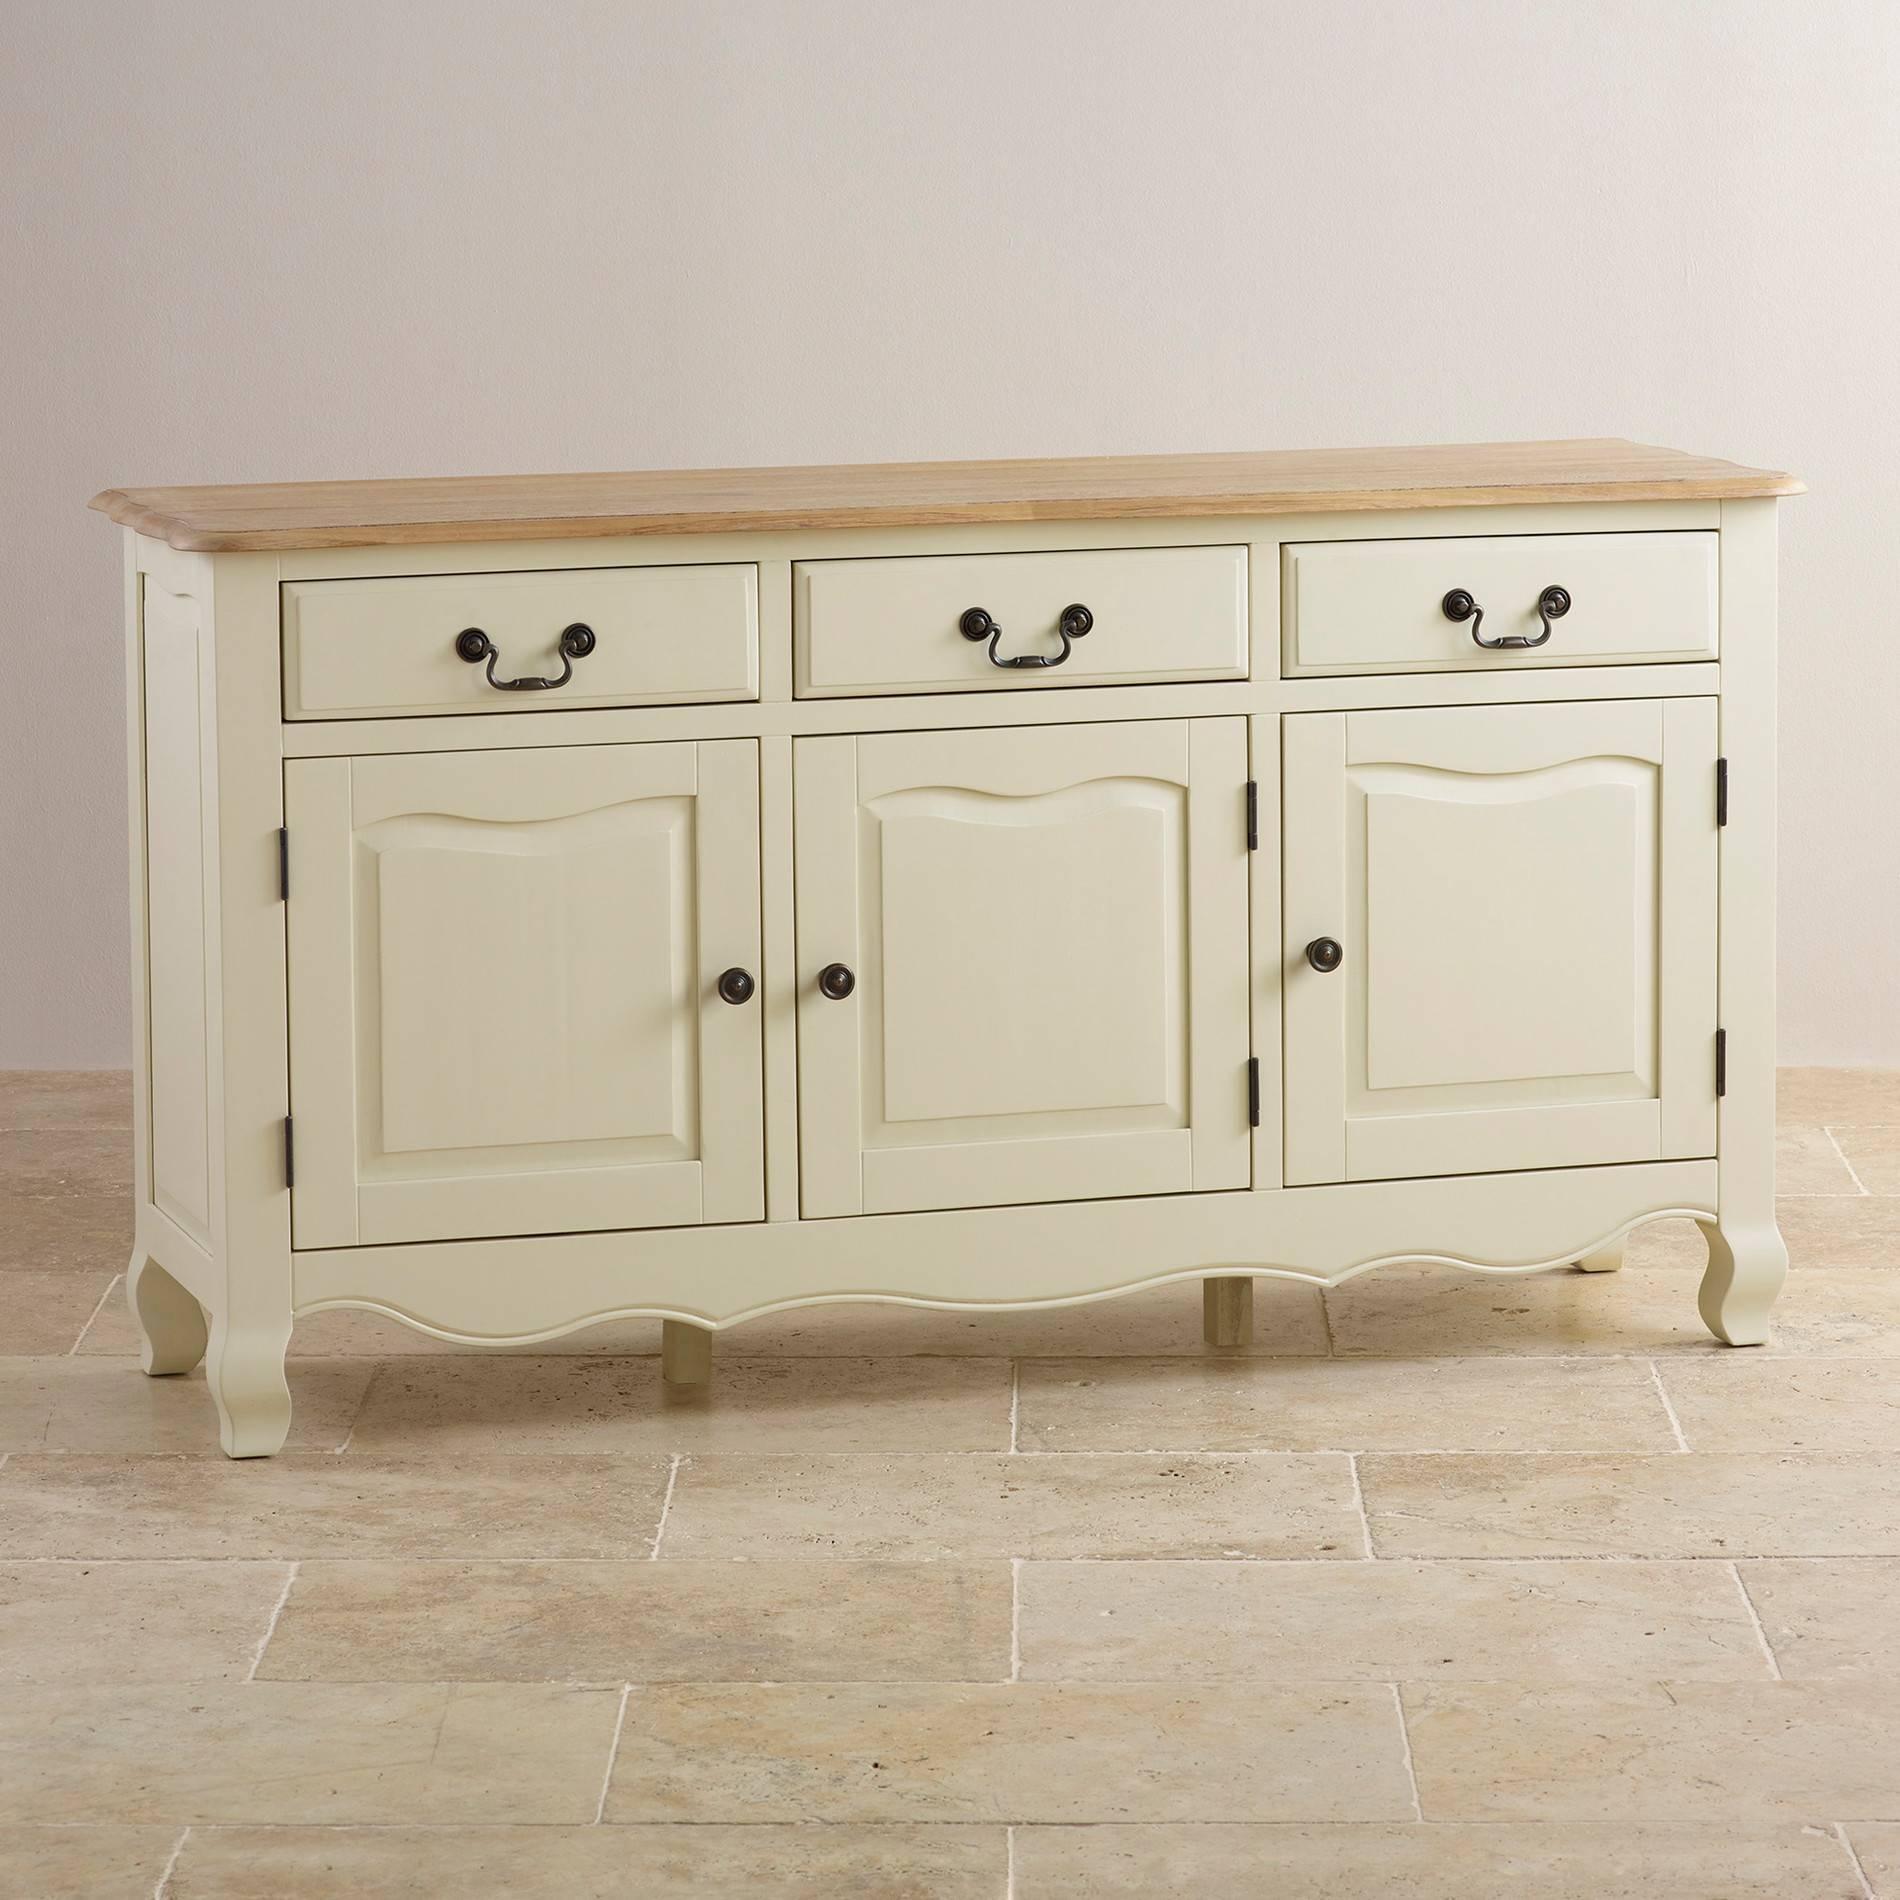 Sideboards | 100% Solid Hardwood | Oak Furniture Land inside Large White Sideboards (Image 19 of 30)